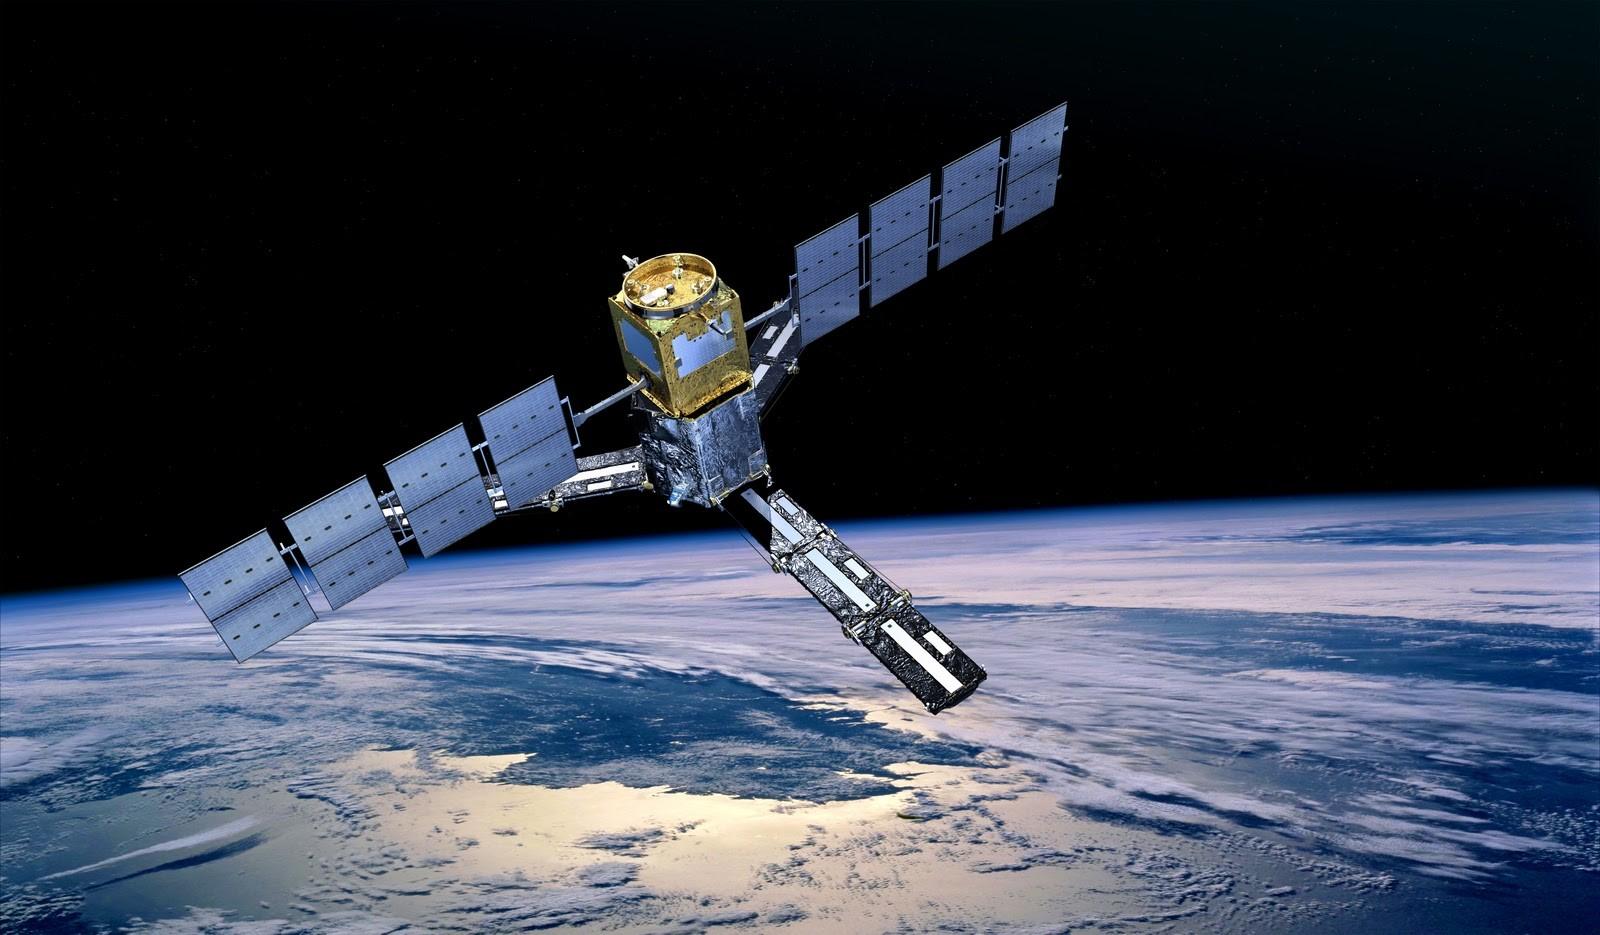 Россия создаст спутник дистанционного зондирования земли для Египта за $100 млн